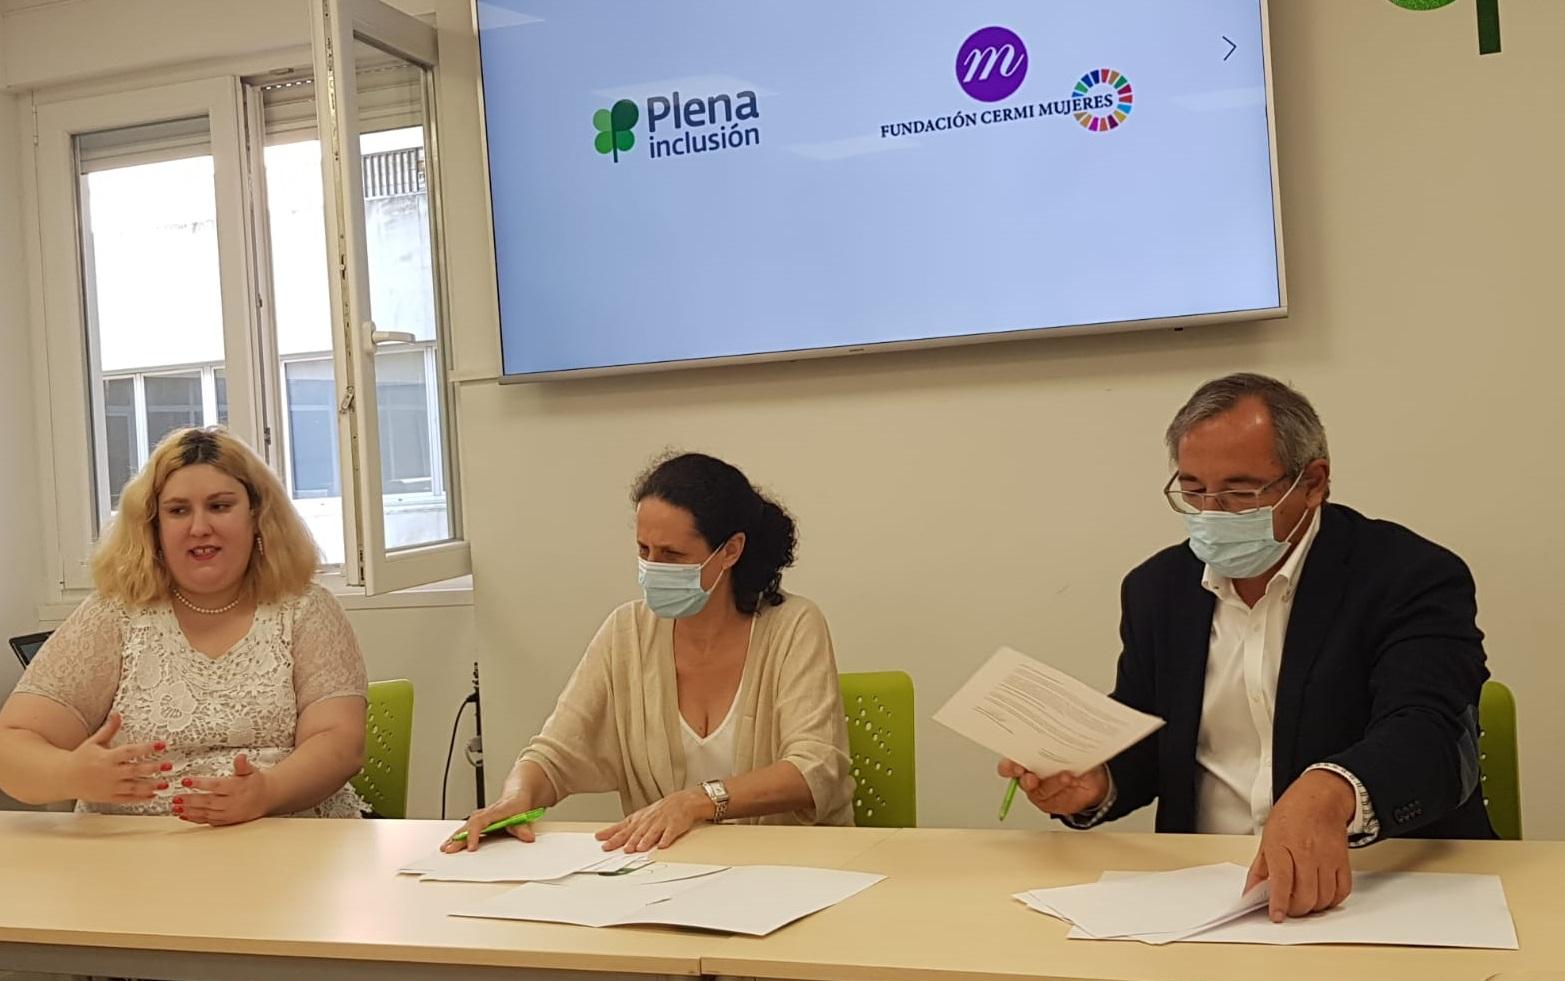 Ir a Plena inclusión y Fundación CERMI Mujeres se unen para defender los derechos de las mujeres con discapacidad intelectual o del desarrollo